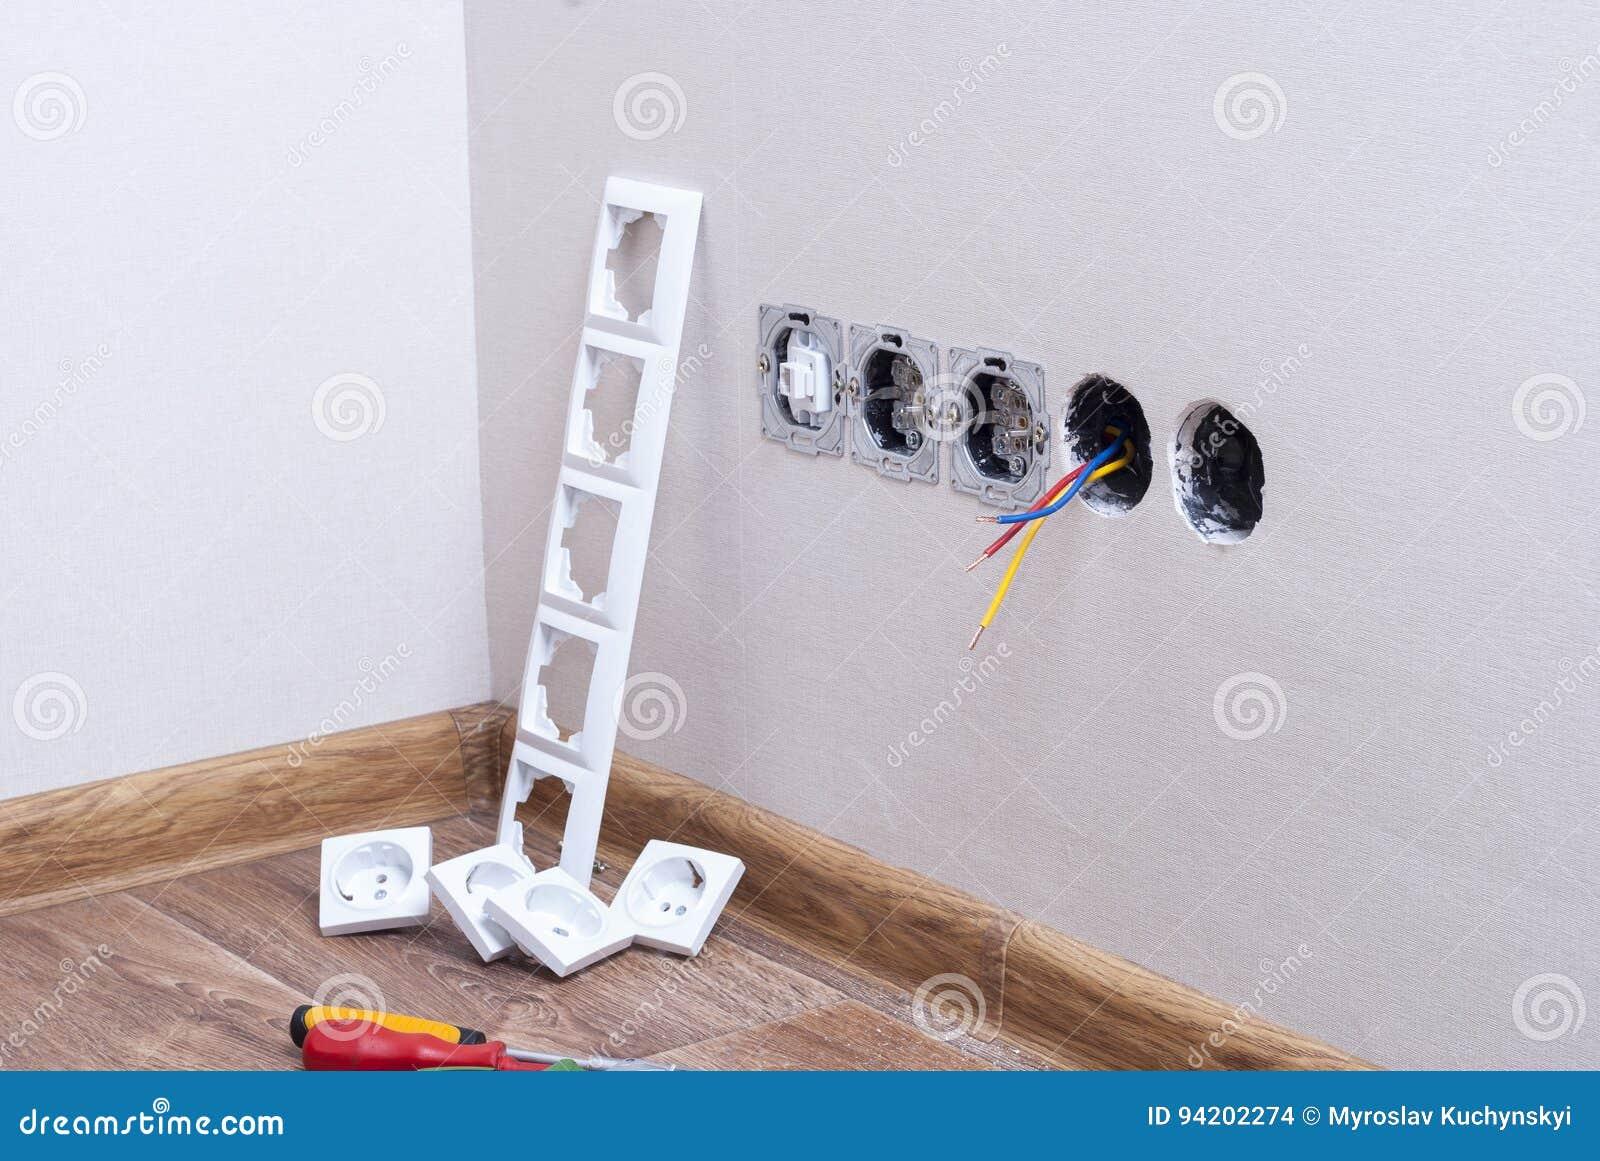 Installatie van elektroafzet